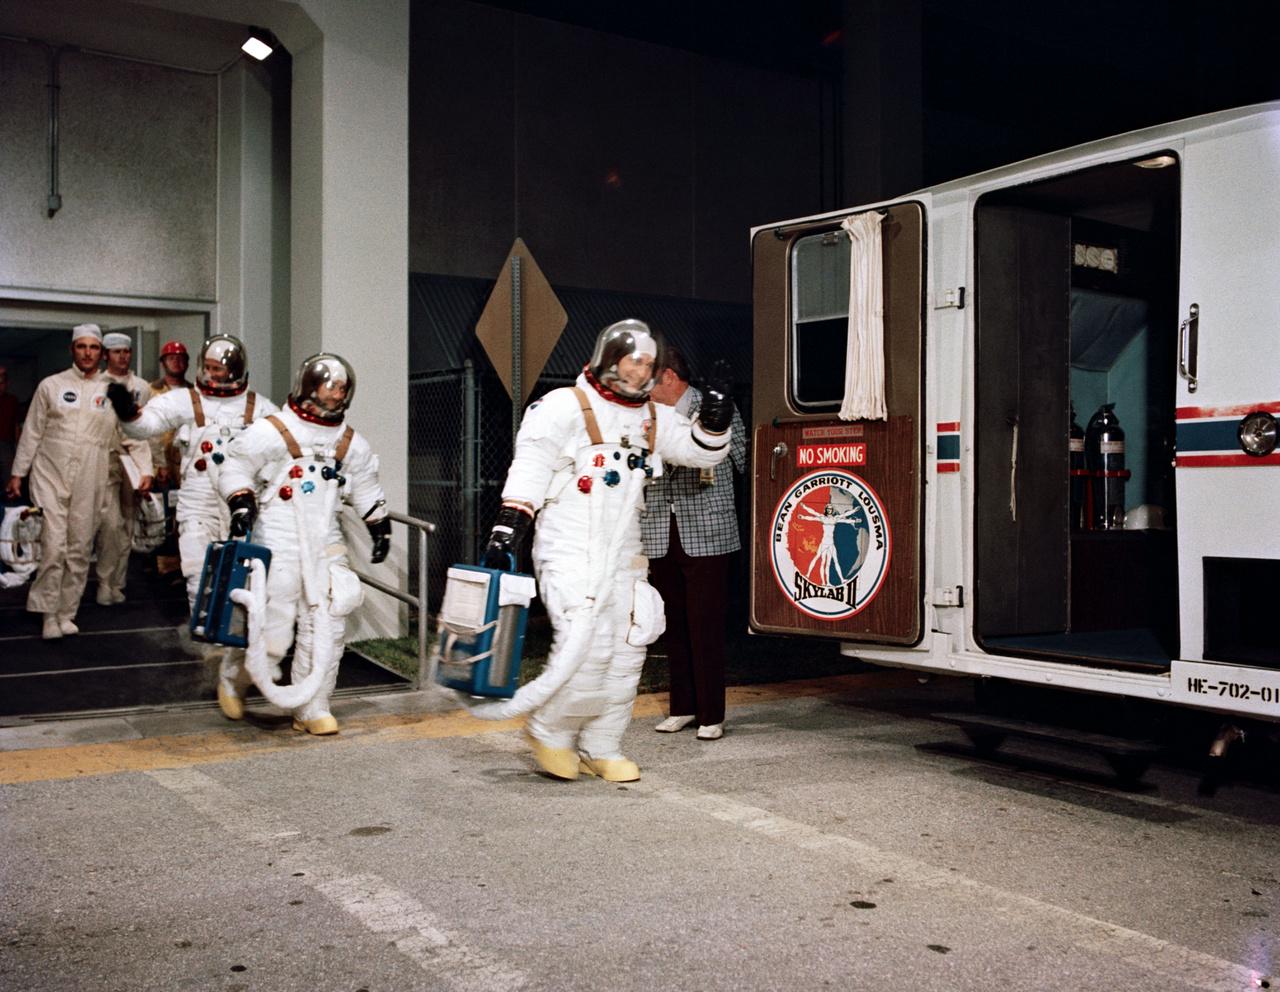 1973. július 28. A Skylab-3 legénysége beszáll a startállásra vivő kisbuszba. Az élen Bean, mögötte Garriott és Lousma.